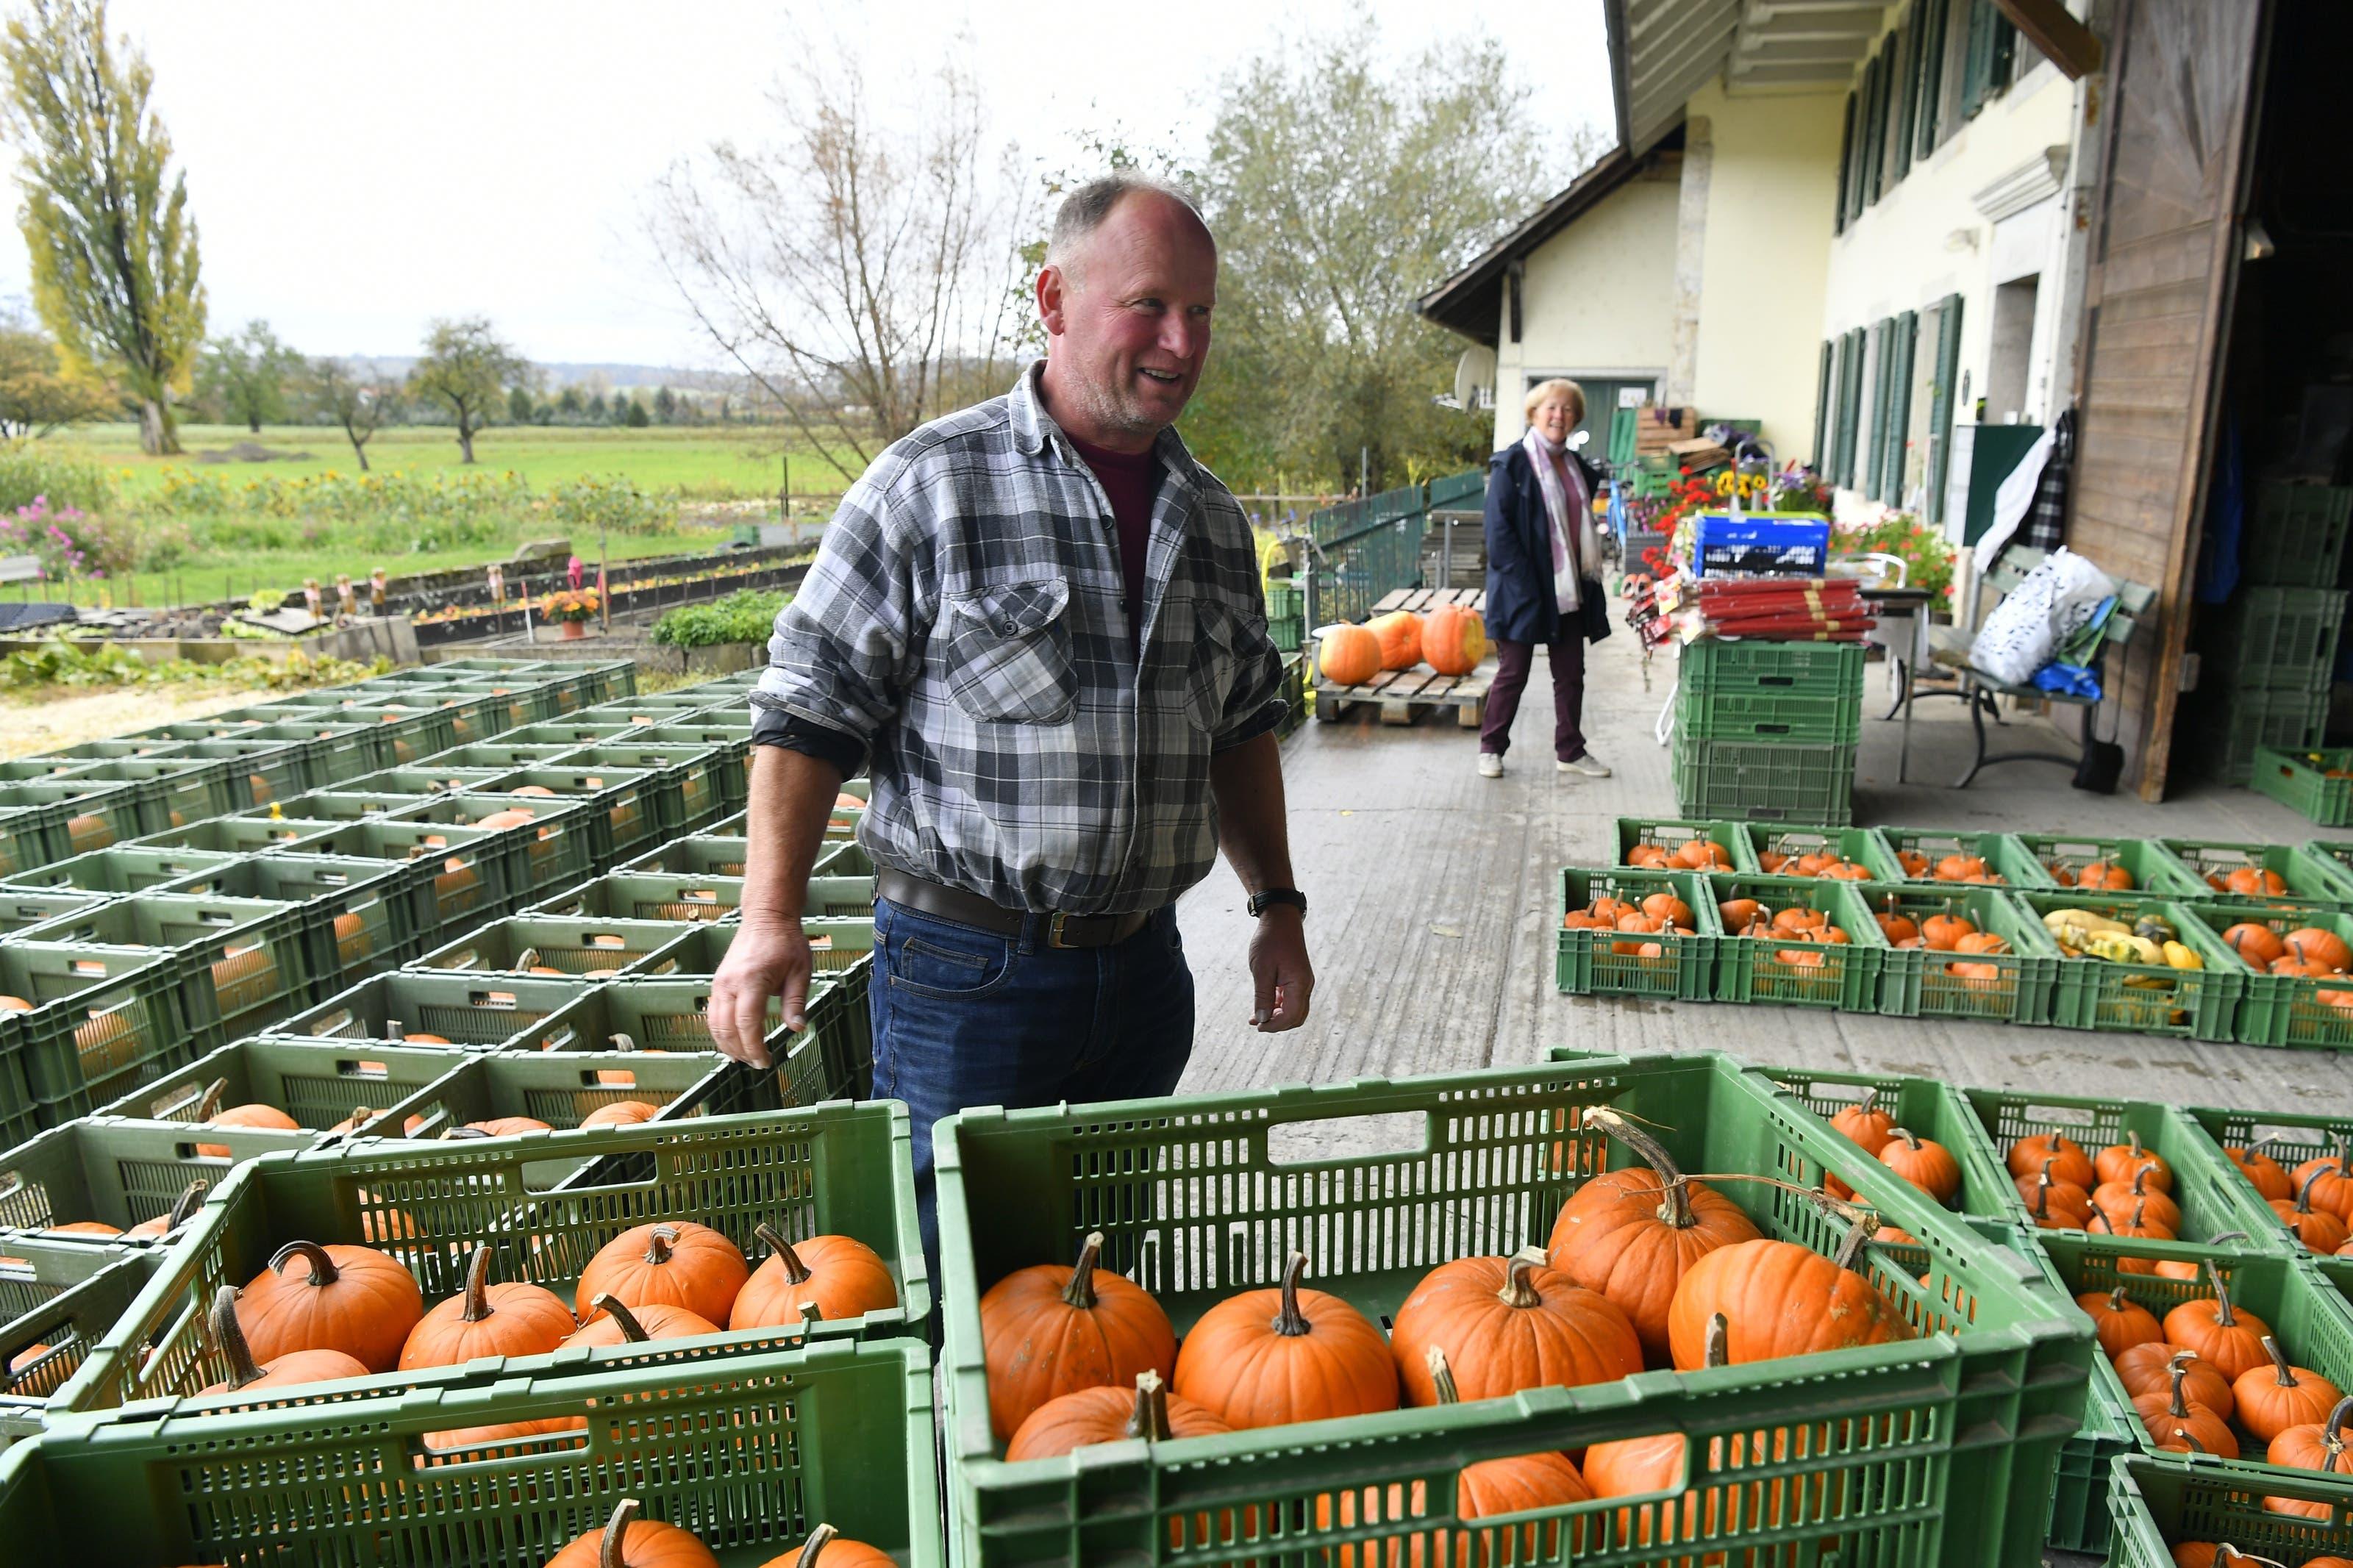 Lehrpersonen holen bei Gemüsebauer Willy Gloor in Staad die bereitgestellten Kürbisse ab.